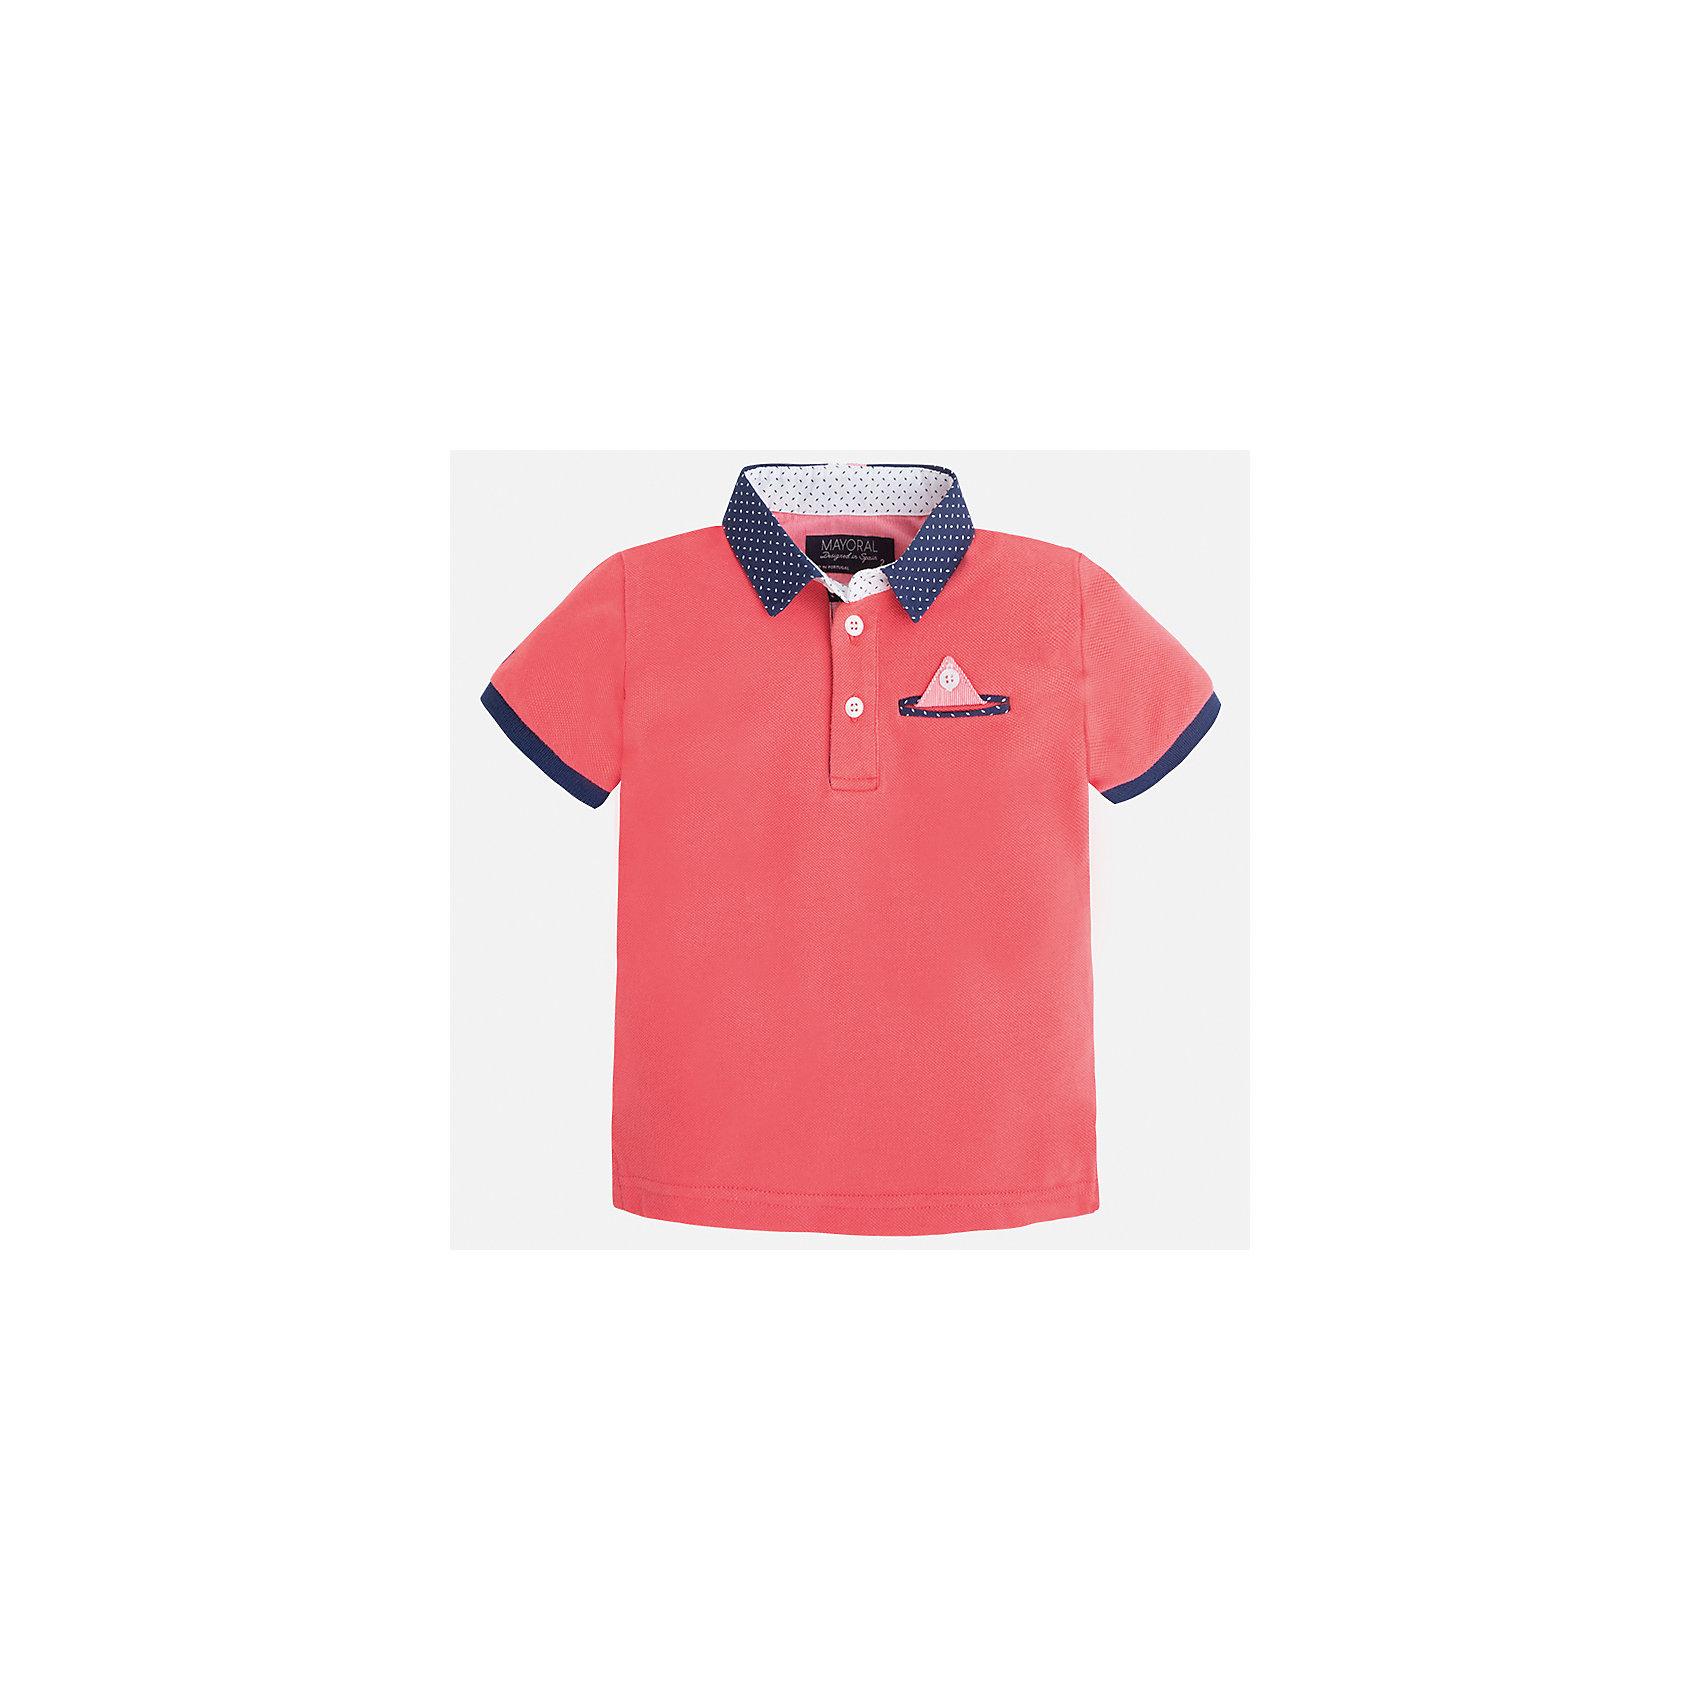 Футболка-поло для мальчика MayoralФутболки, поло и топы<br>Характеристики товара:<br><br>• цвет: розовый<br>• состав: 100% хлопок<br>• отложной воротник<br>• короткие рукава<br>• застежка: пуговицы<br>• карман на груди<br>• страна бренда: Испания<br><br>Модная футболка-поло для мальчика может стать базовой вещью в гардеробе ребенка. Она отлично сочетается с брюками, шортами, джинсами и т.д. Универсальный крой и цвет позволяет подобрать к вещи низ разных расцветок. Практичное и стильное изделие! В составе материала - только натуральный хлопок, гипоаллергенный, приятный на ощупь, дышащий.<br>Одежда, обувь и аксессуары от испанского бренда Mayoral полюбились детям и взрослым по всему миру. Модели этой марки - стильные и удобные. Для их производства используются только безопасные, качественные материалы и фурнитура. Порадуйте ребенка модными и красивыми вещами от Mayoral! <br><br>Футболку-поло для мальчика от испанского бренда Mayoral (Майорал) можно купить в нашем интернет-магазине.<br><br>Ширина мм: 230<br>Глубина мм: 40<br>Высота мм: 220<br>Вес г: 250<br>Цвет: розовый<br>Возраст от месяцев: 36<br>Возраст до месяцев: 48<br>Пол: Мужской<br>Возраст: Детский<br>Размер: 104,134,128,122,116,110,98,92<br>SKU: 5280318